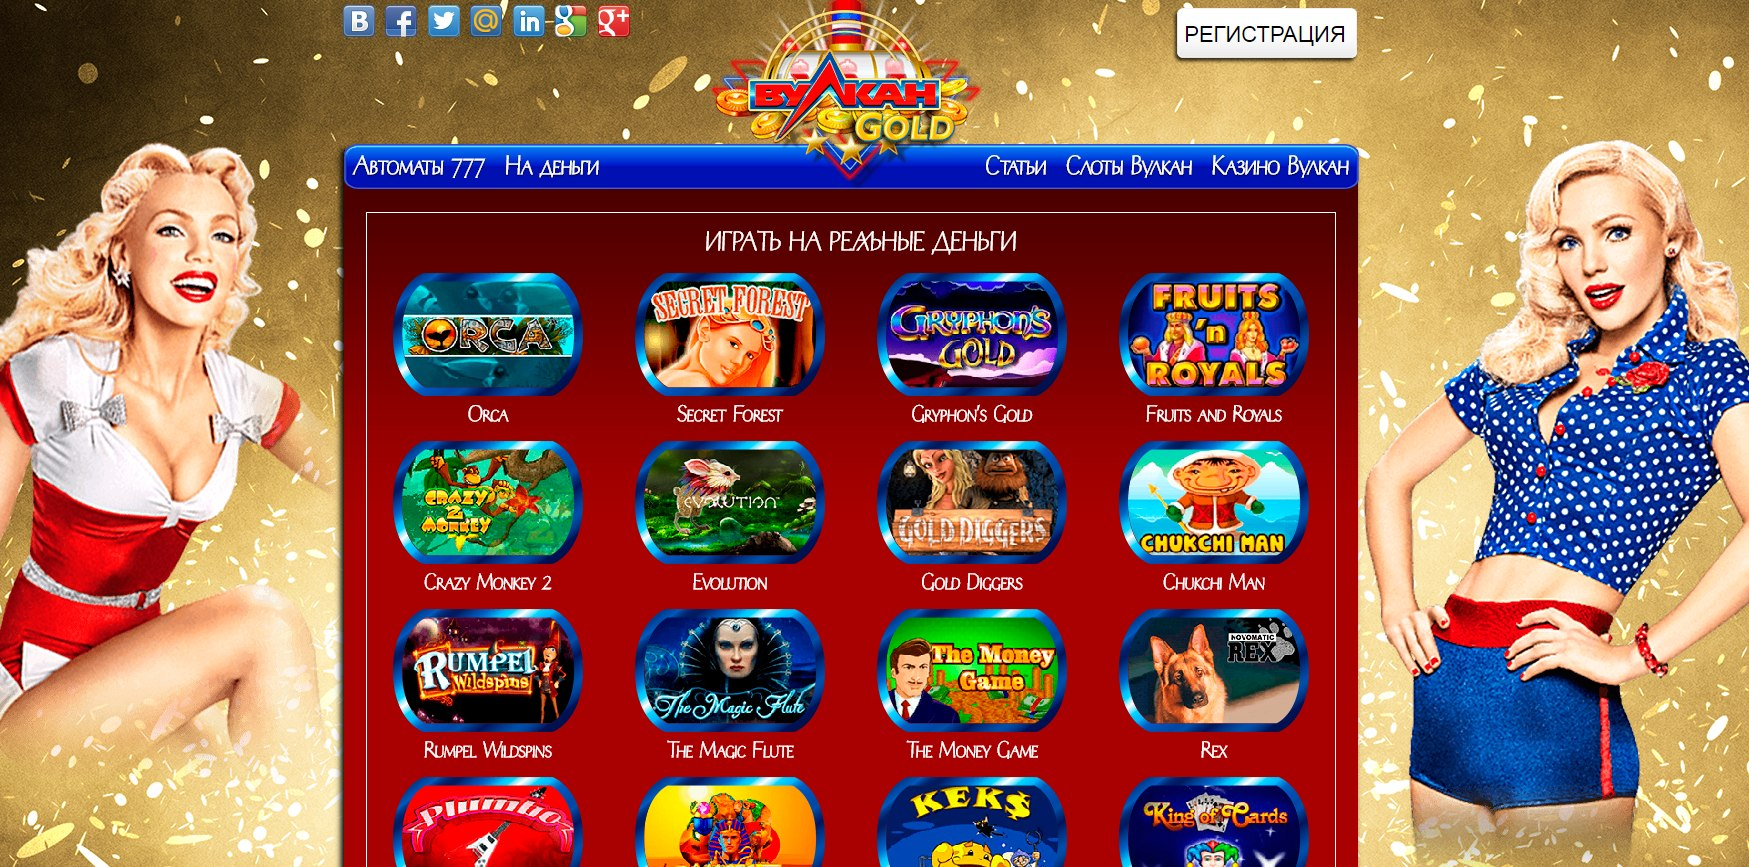 Различные виды развлечений в онлайн-казино